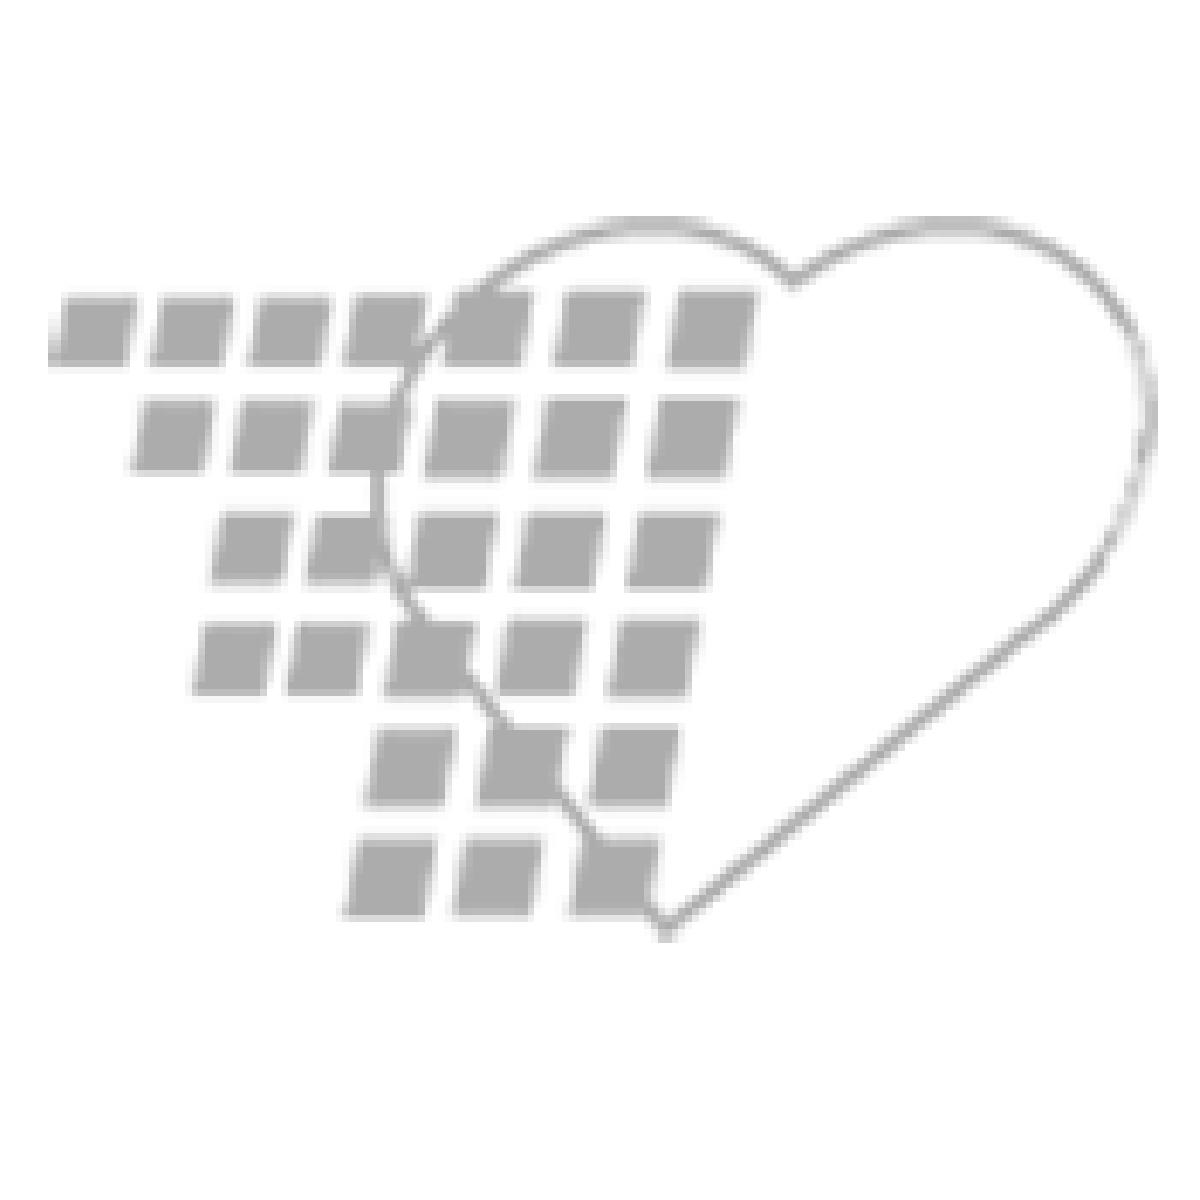 09-31-9992 Understanding Hepatitis Chart